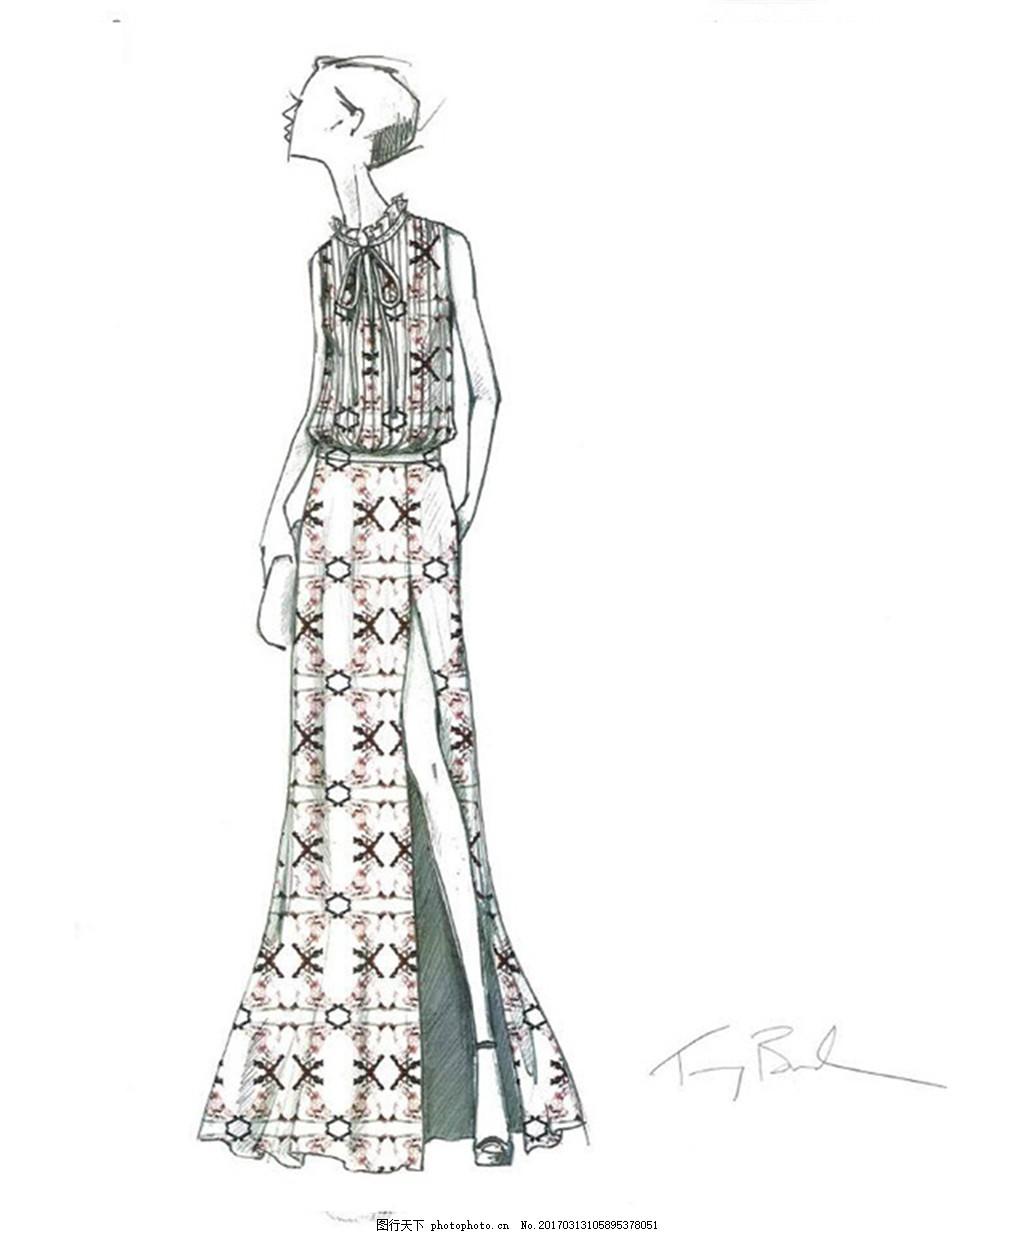 时尚连衣裙设计图 服装设计 时尚女装 职业女装 职业装 女装设计效果